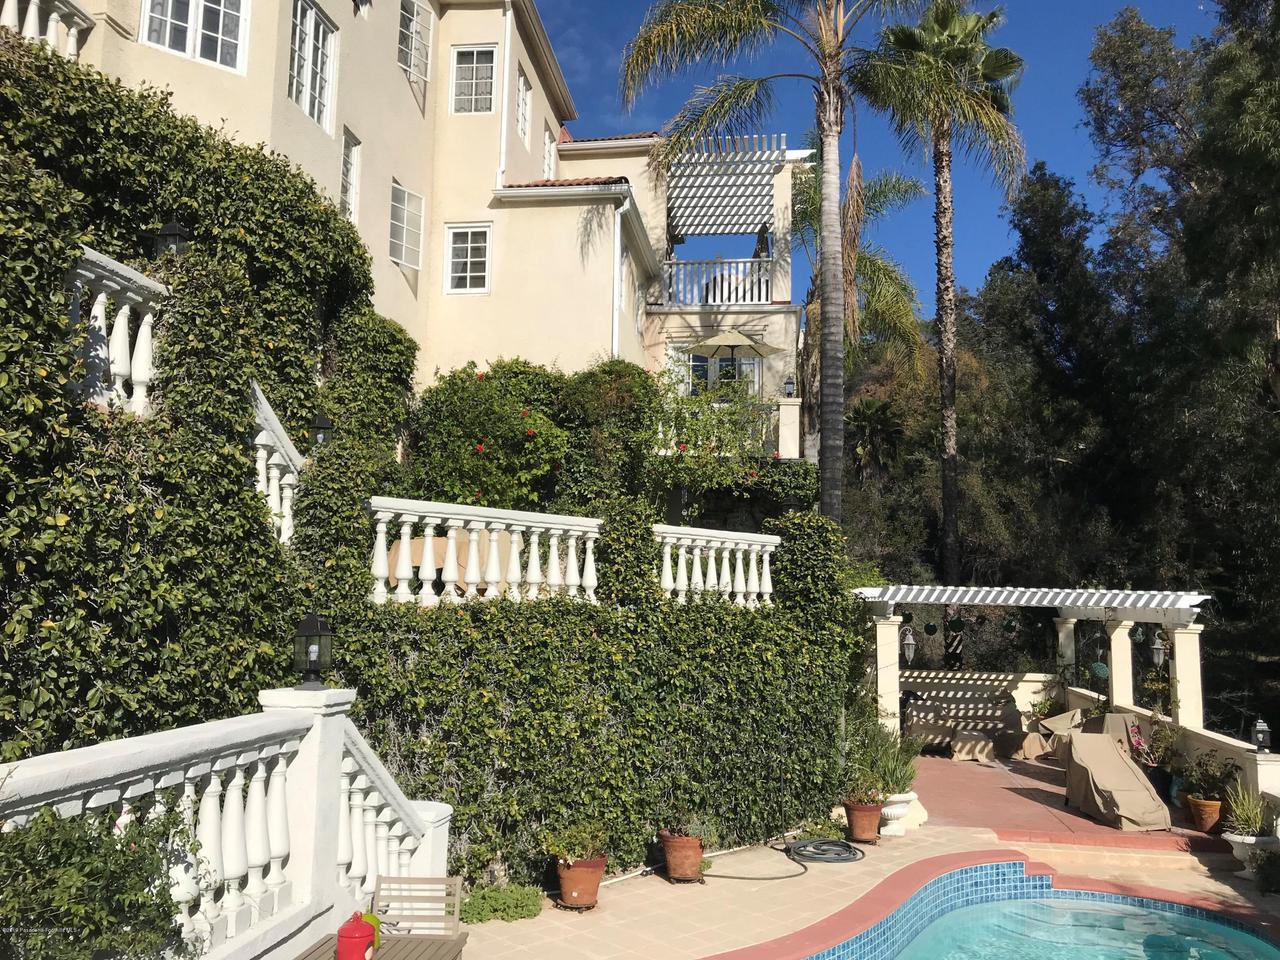 1348 WIERFIELD, Pasadena, CA 91105 - 55